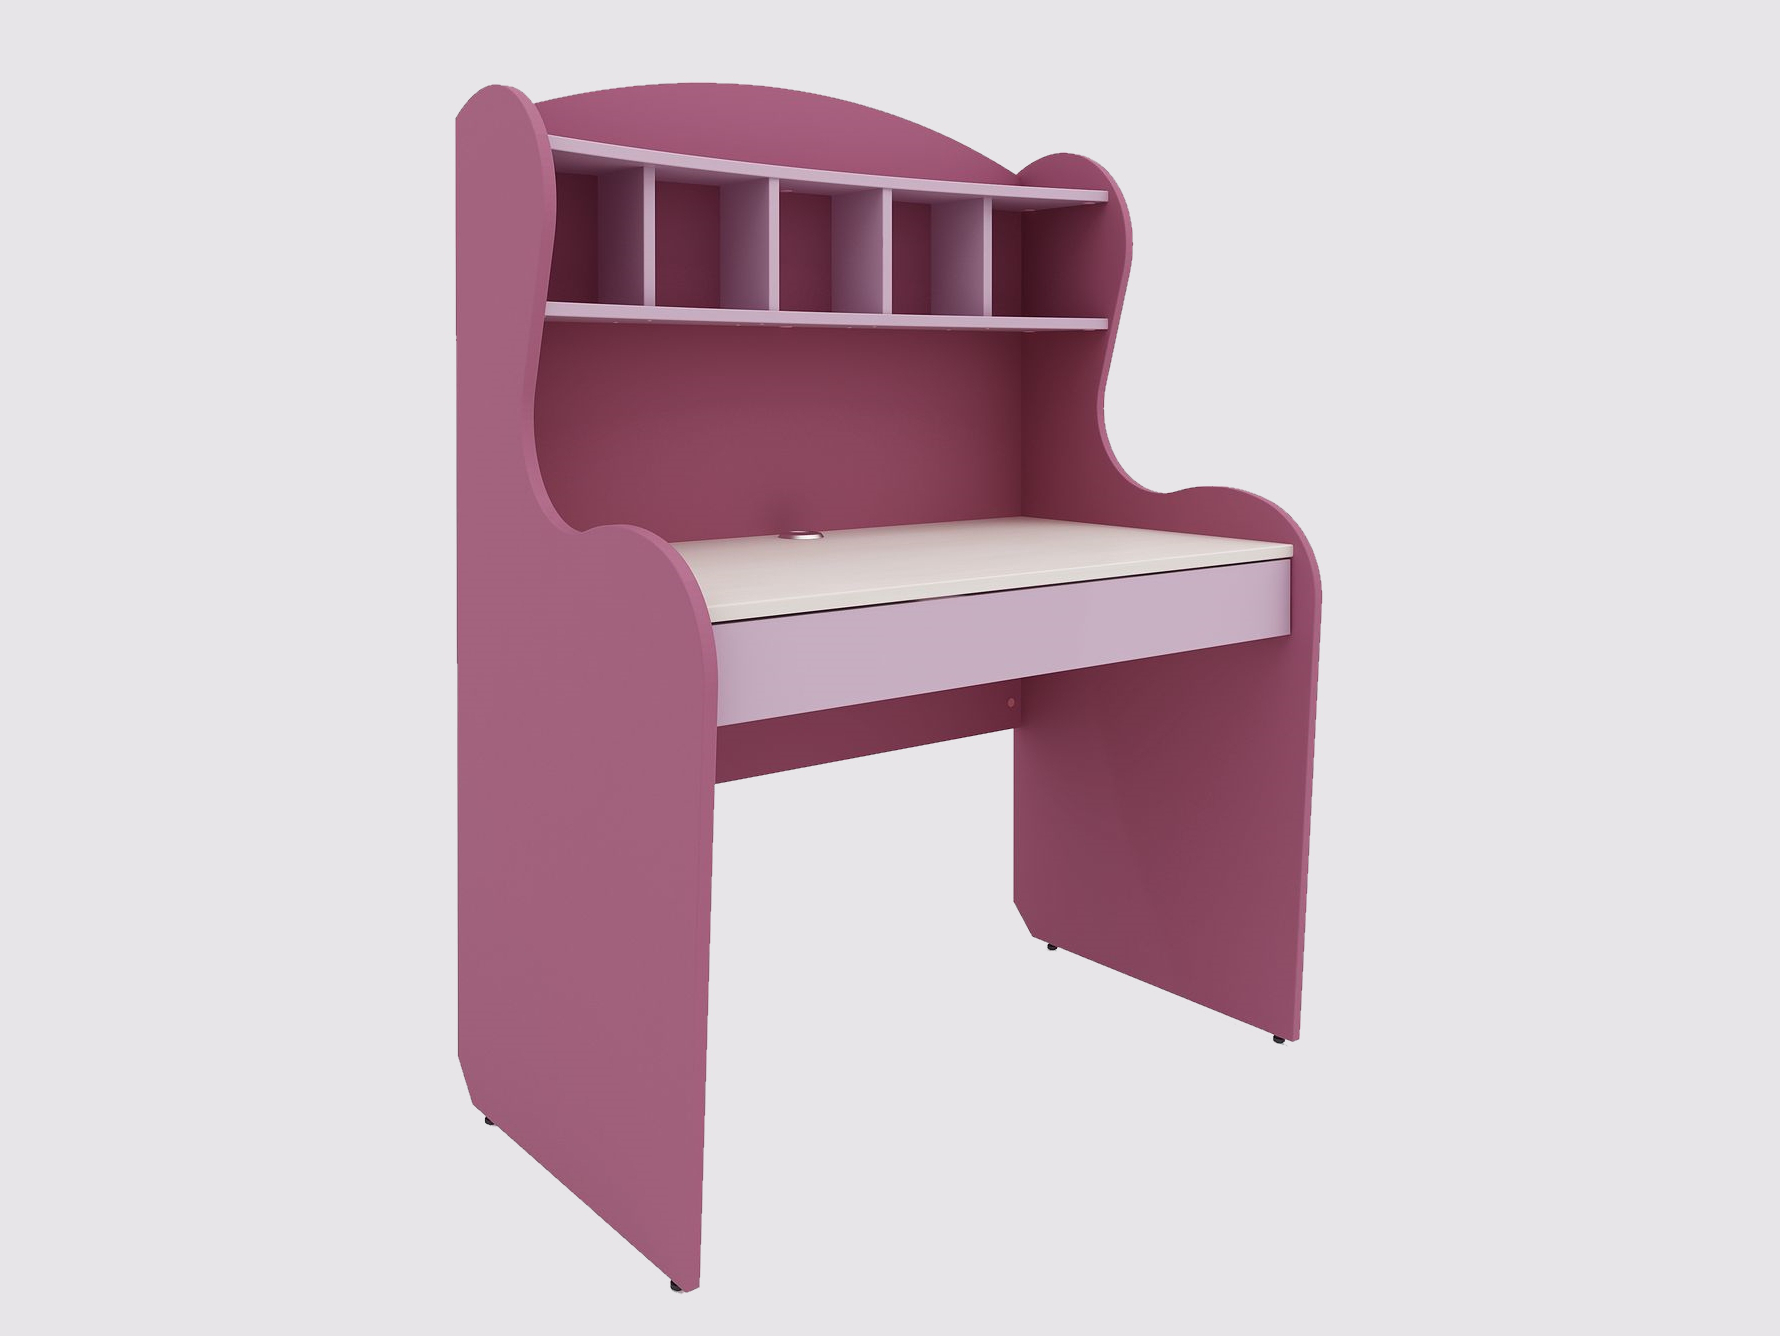 Lenza Kombinovaný dětský psací stůl Mia